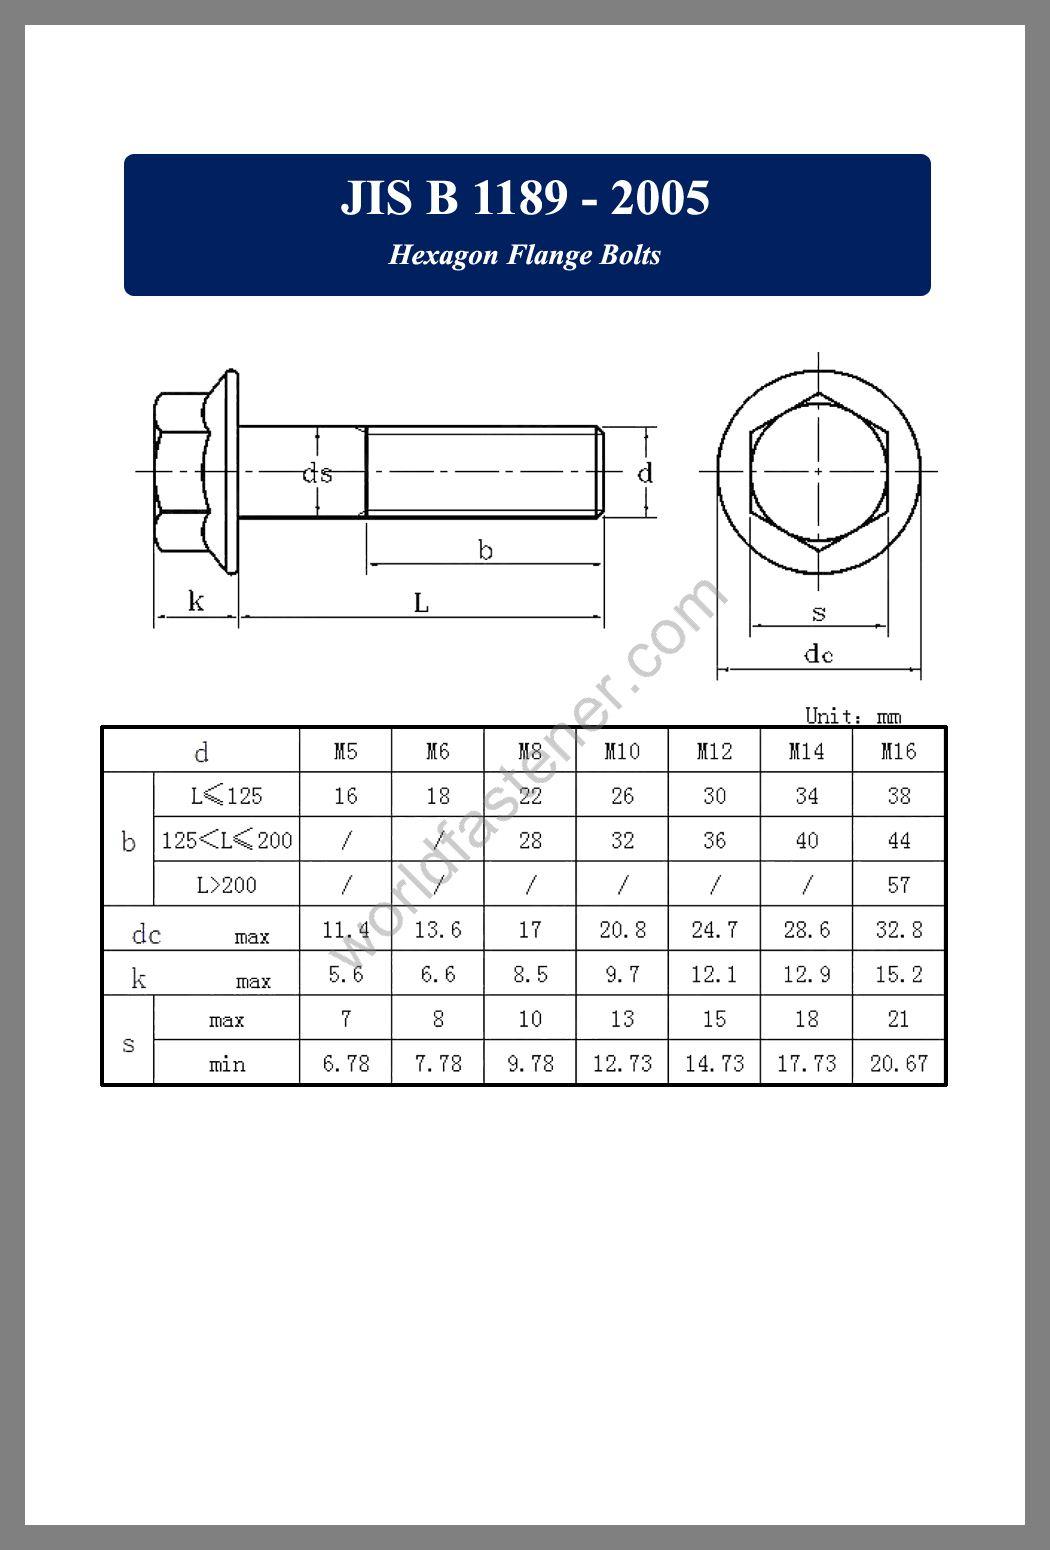 JIS B 1189, JIS B 1189 Flanged Bolts, JIS B1189, Flange screws, fastener, screw, bolt, JIS bolts